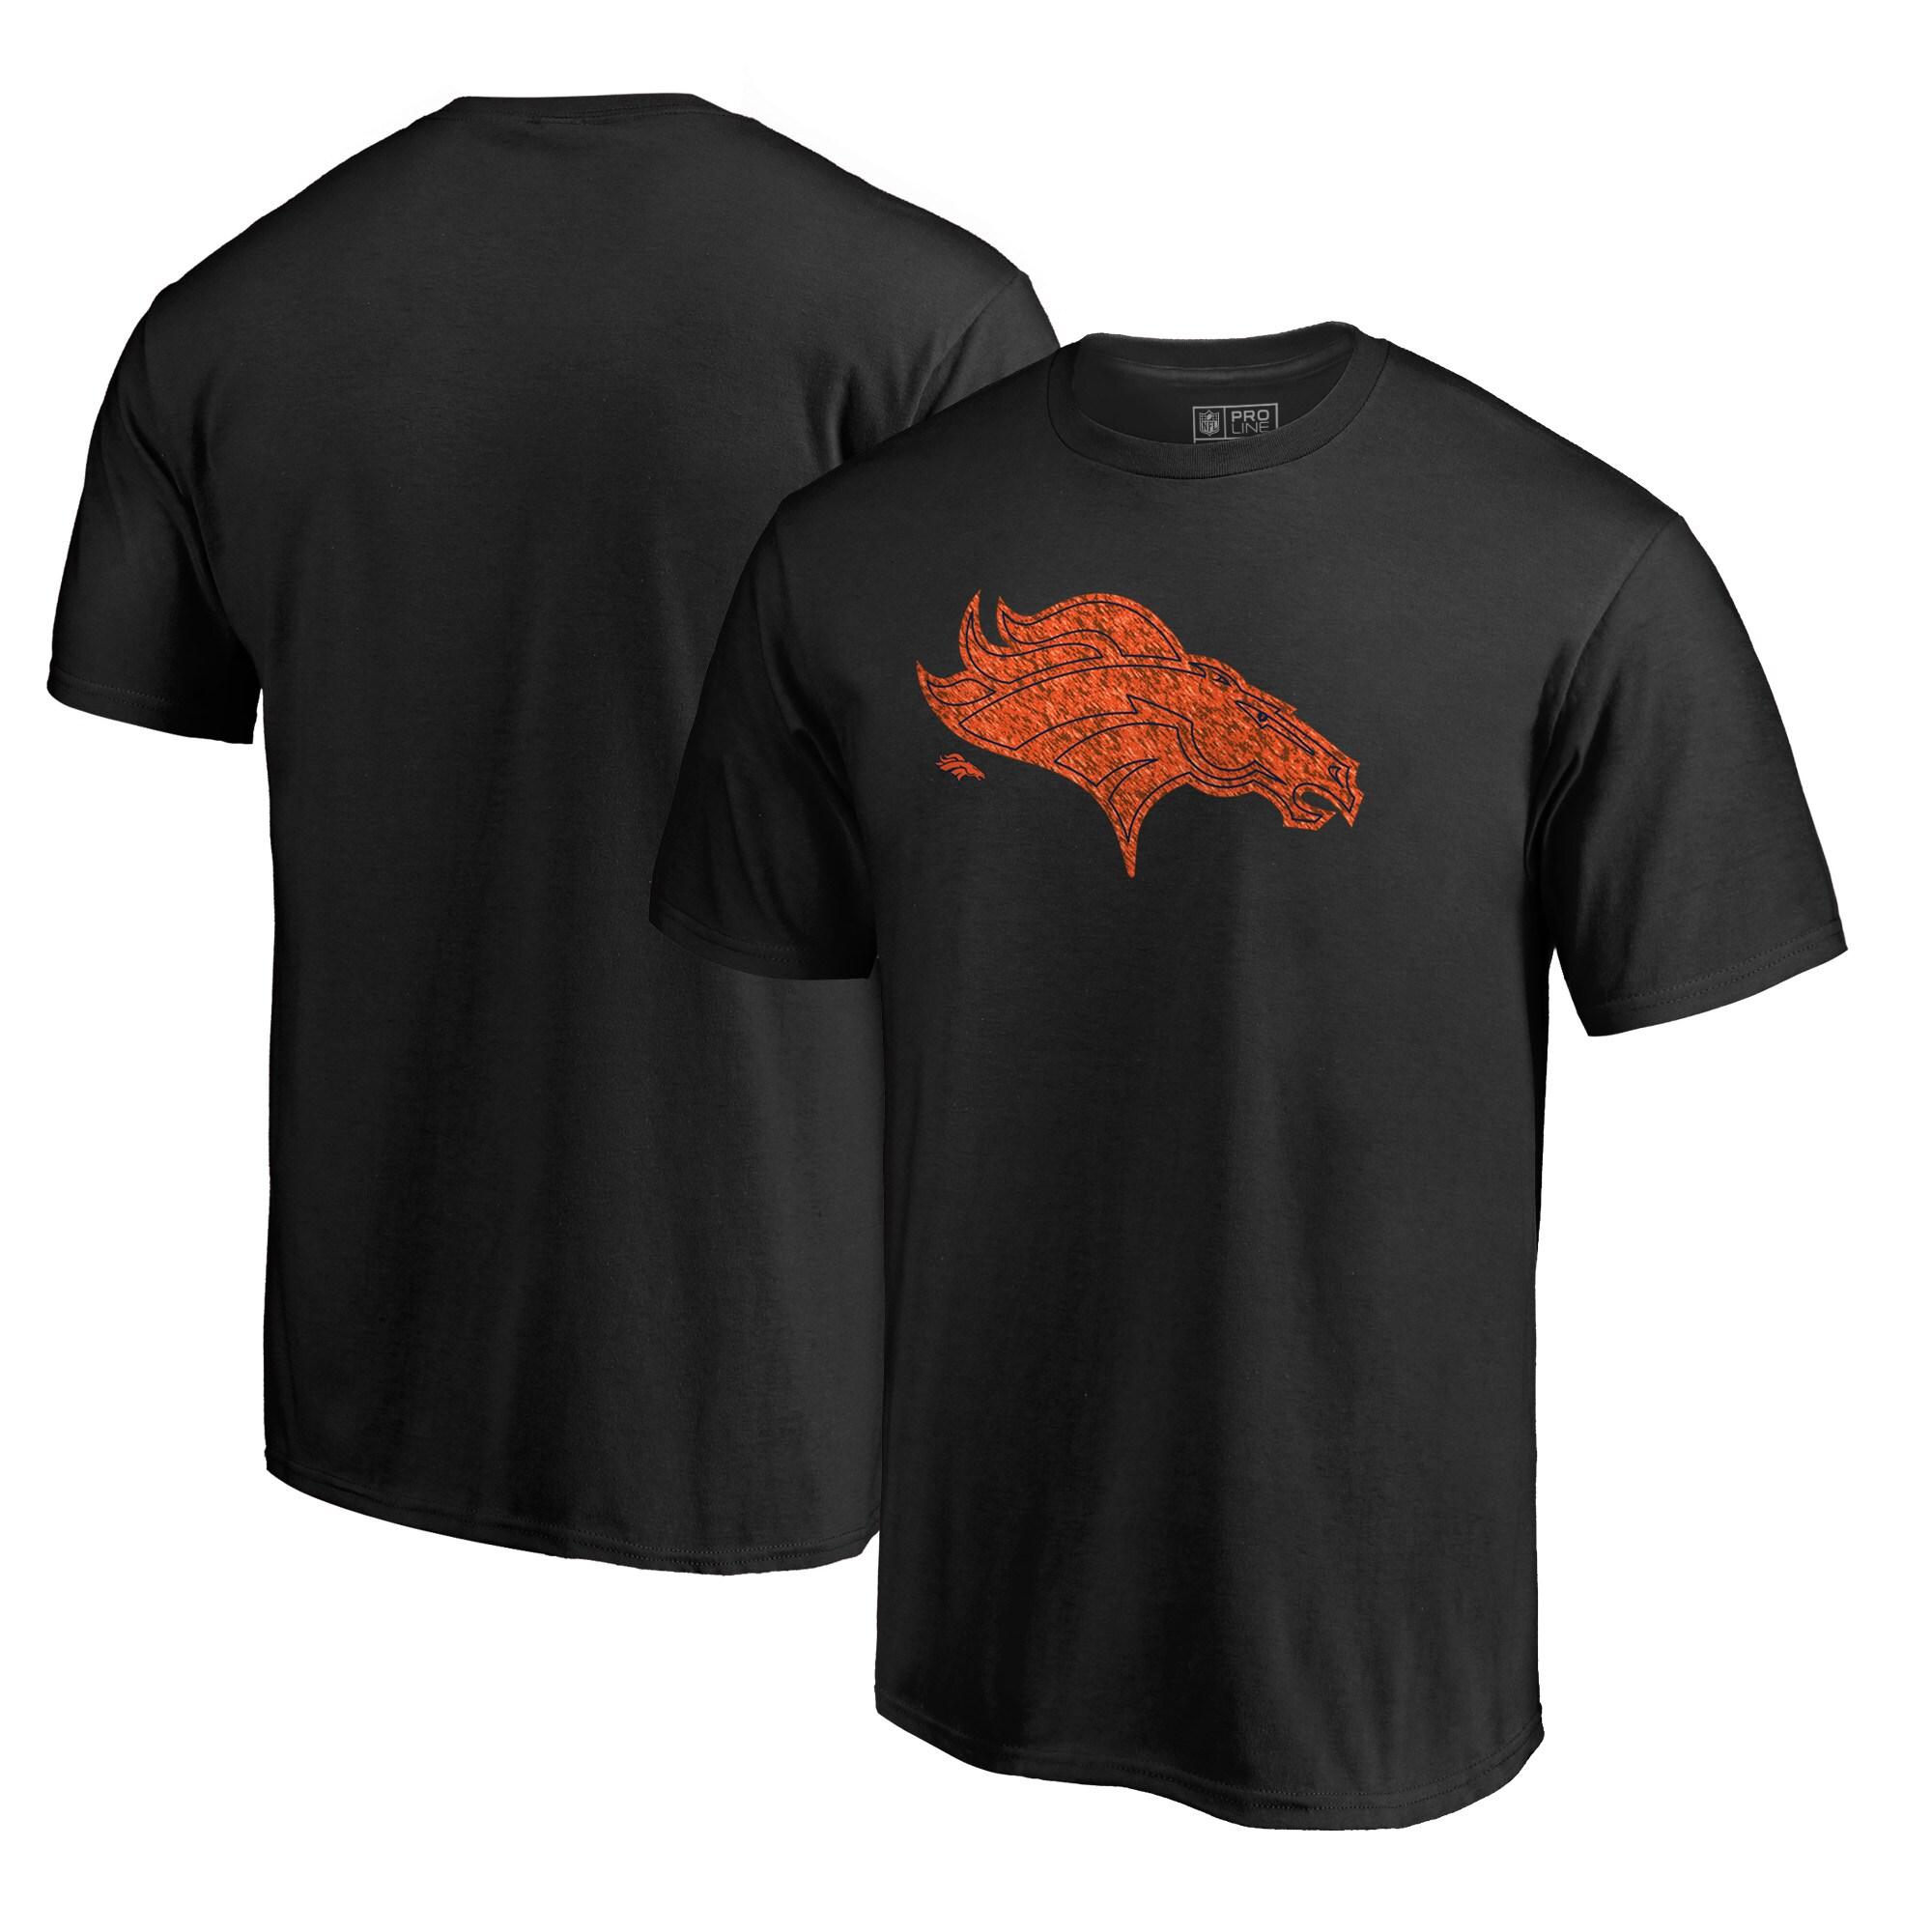 Denver Broncos NFL Pro Line by Fanatics Branded Training Camp Hookup T-Shirt - Black